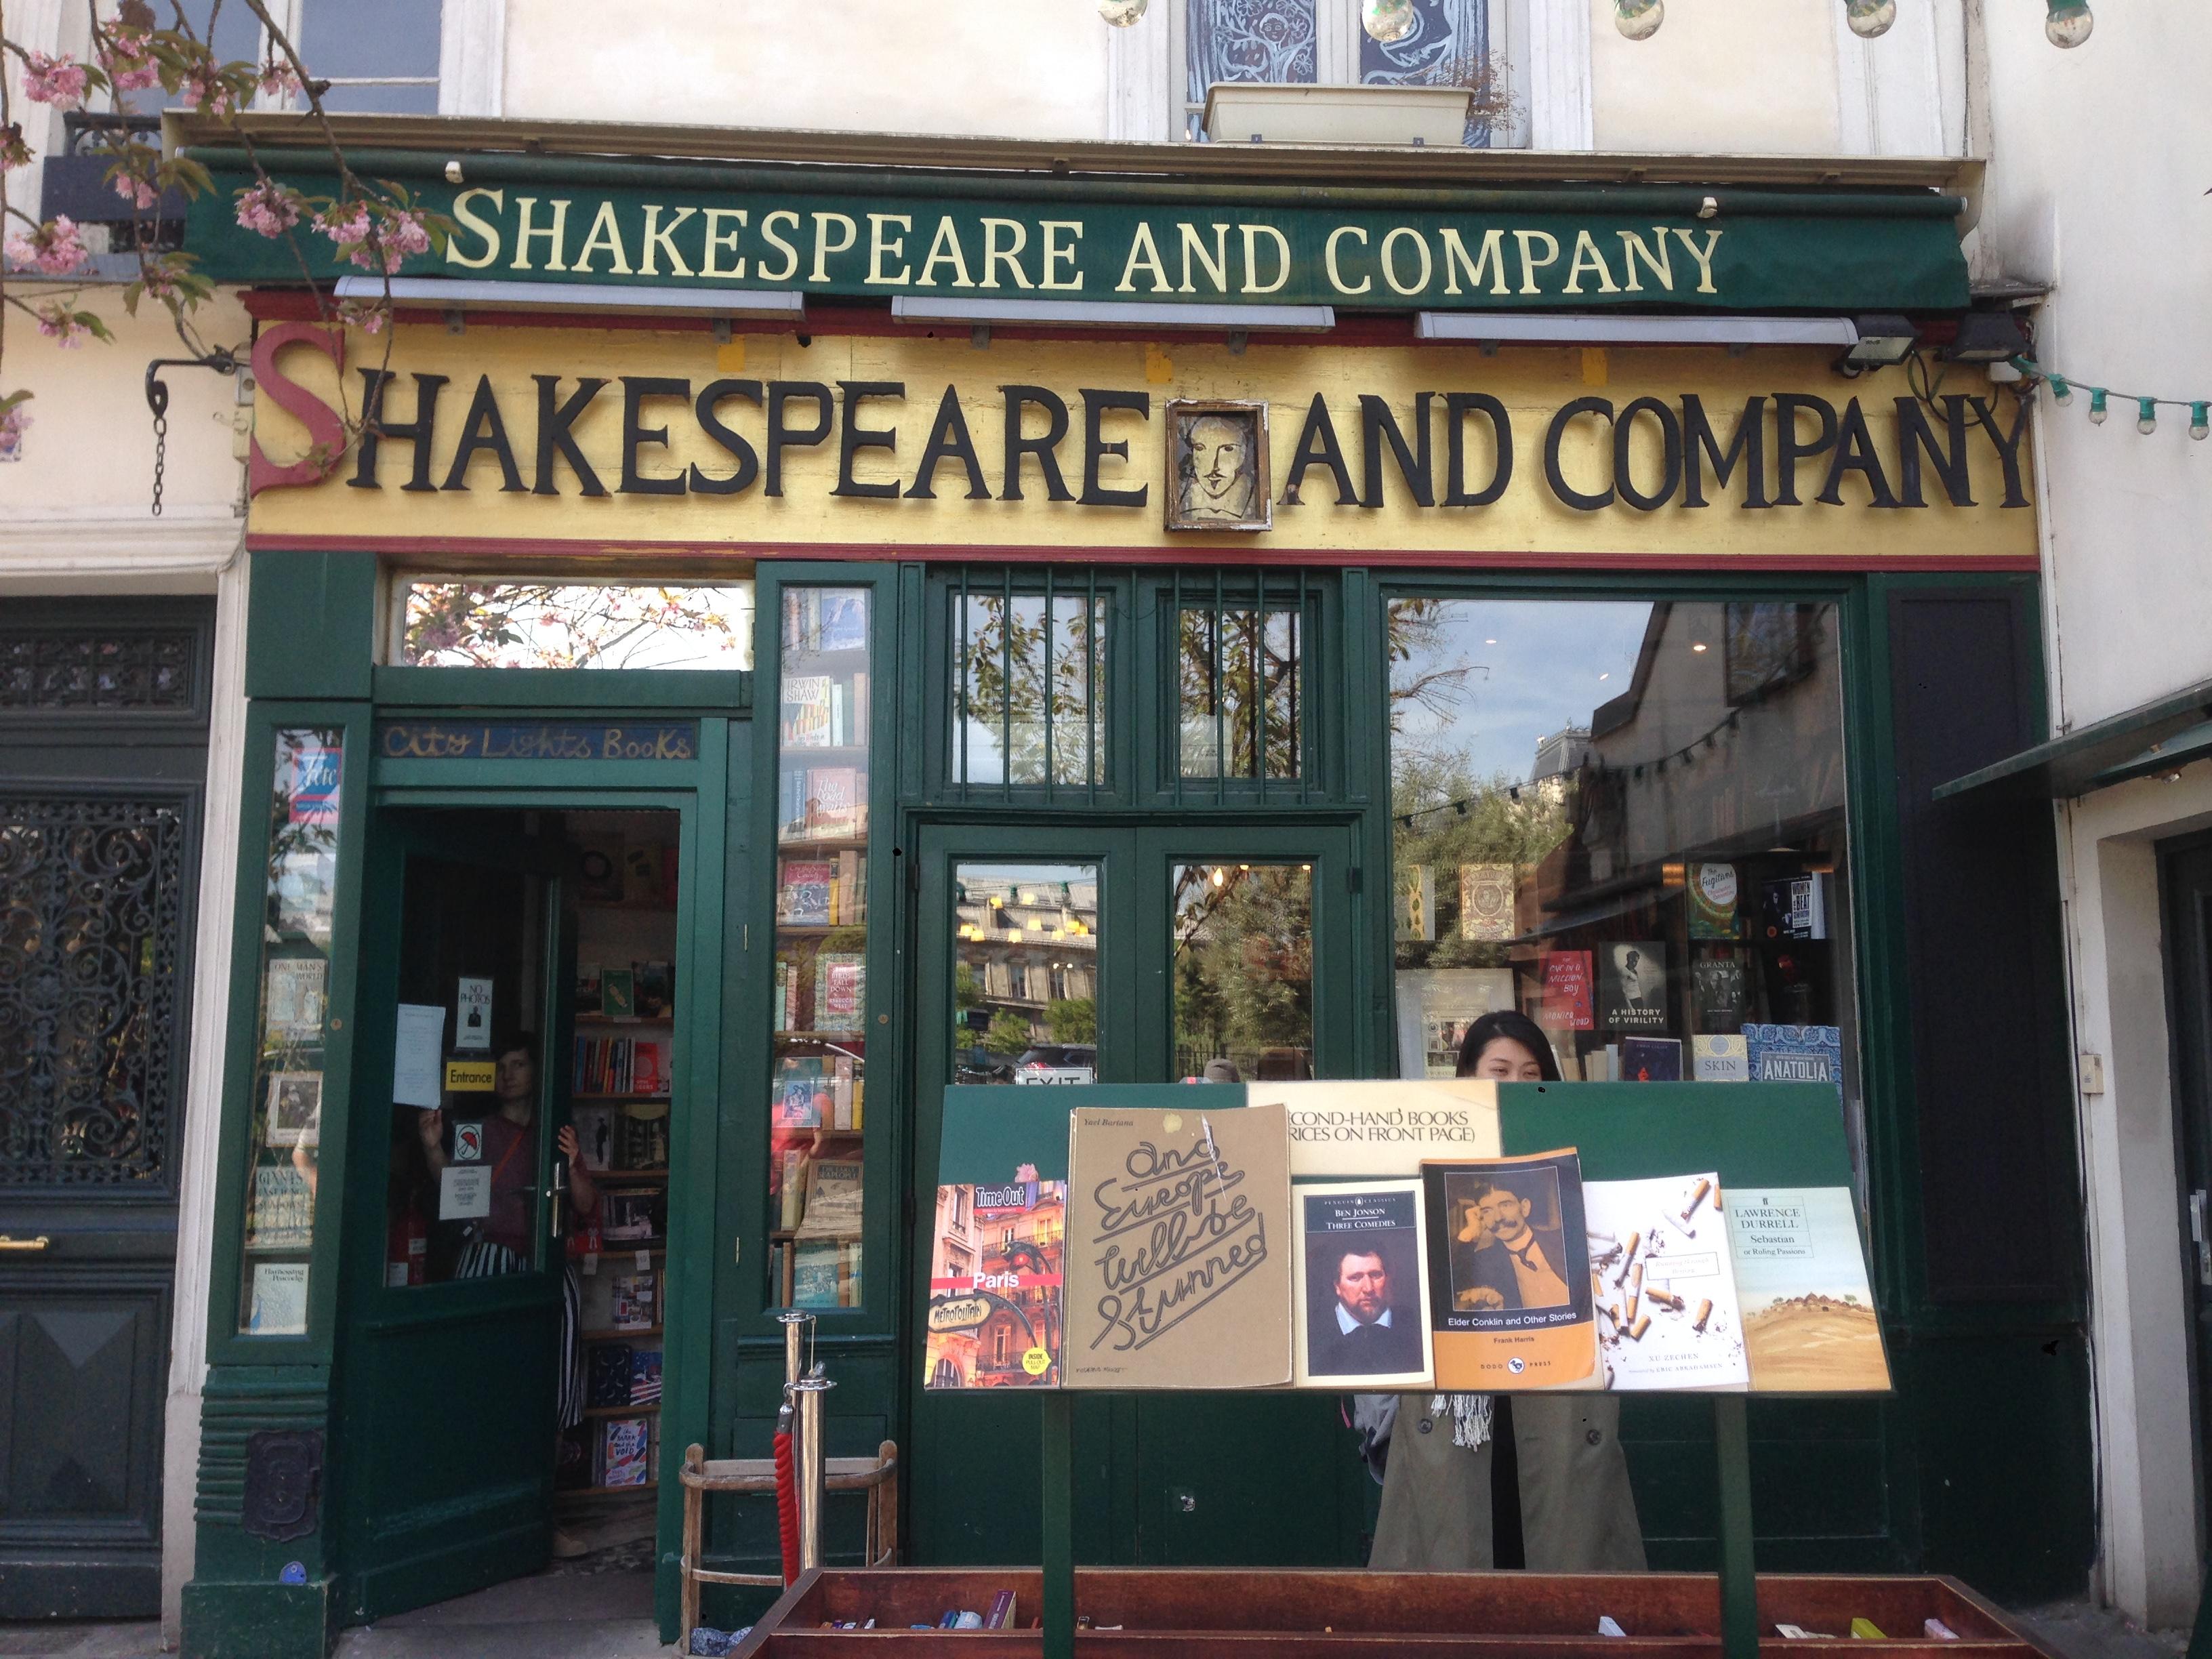 Shakespeare Café Paris LocalBini Experience BiniBlog Shakespare Café